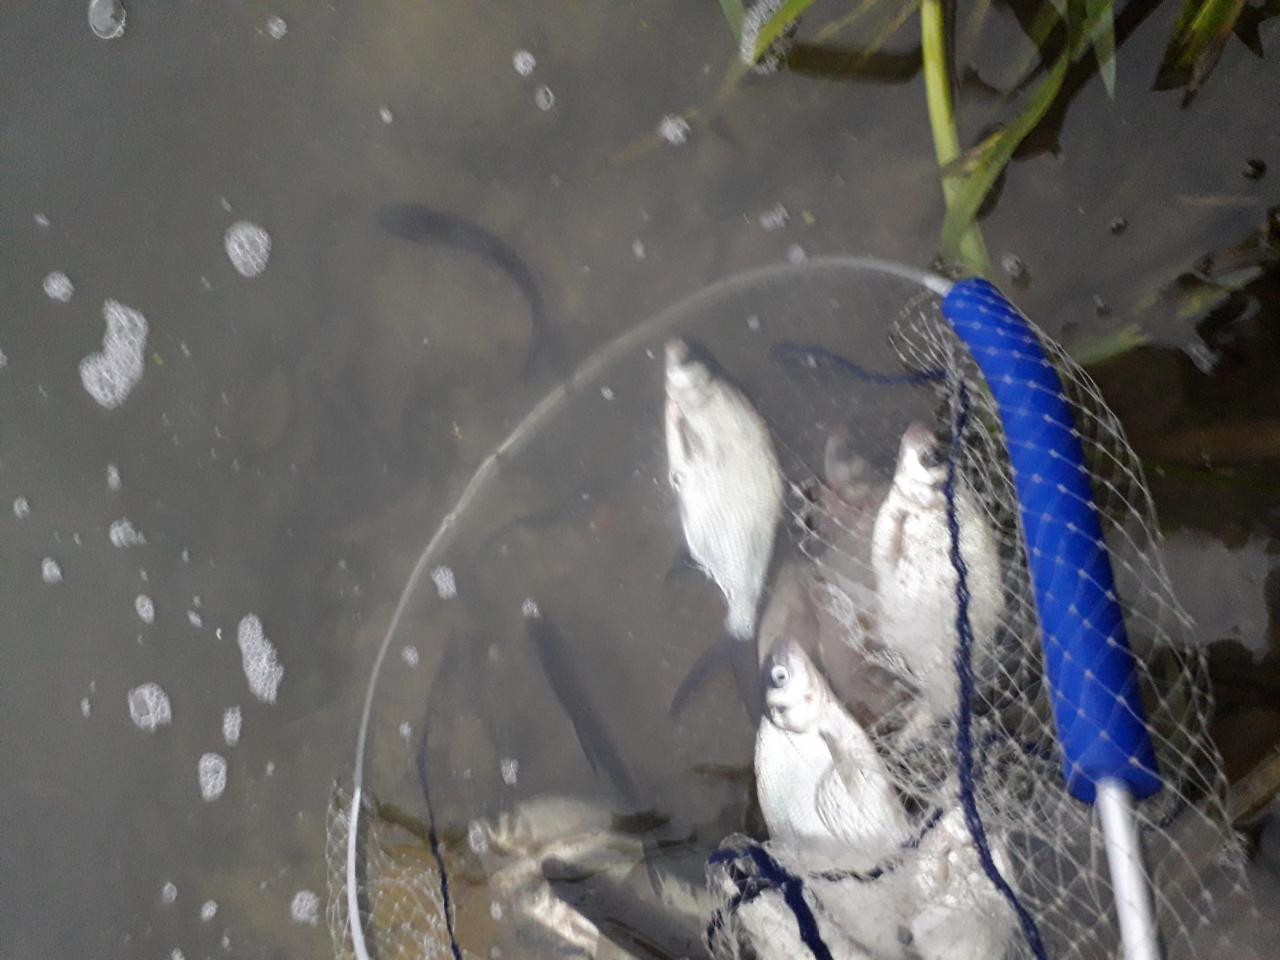 Вчера(1.11.2018) удалось вырваться из городской суеты и провести ...   Отчеты о рыбалке в Беларуси